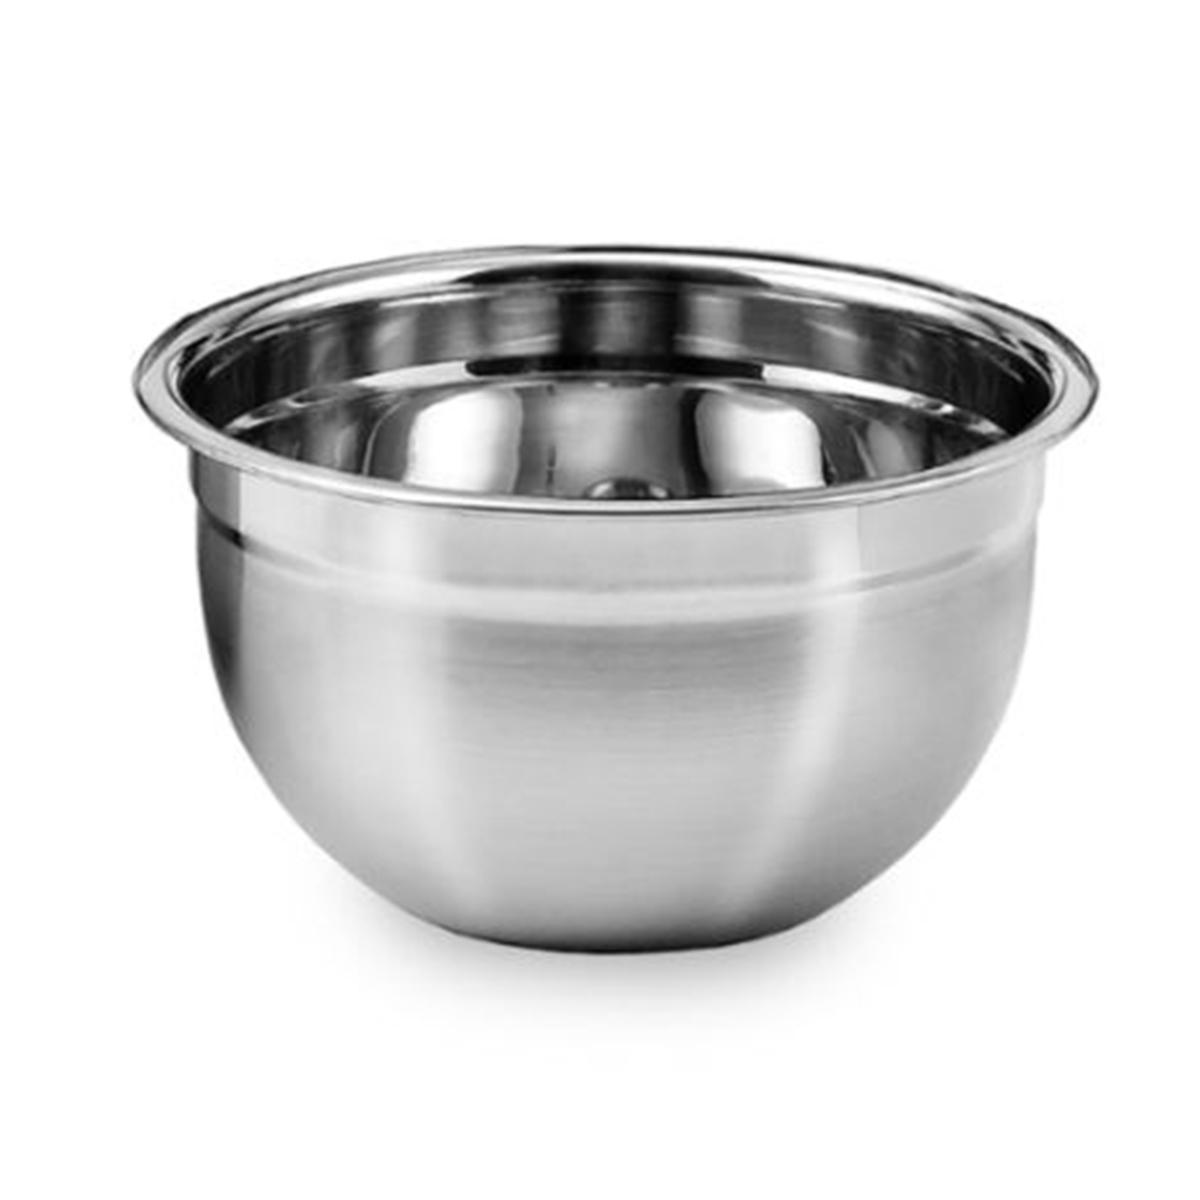 Tigela Mixing Bowl em aço Inox 30 Cm  Ke Home 3116-30-1